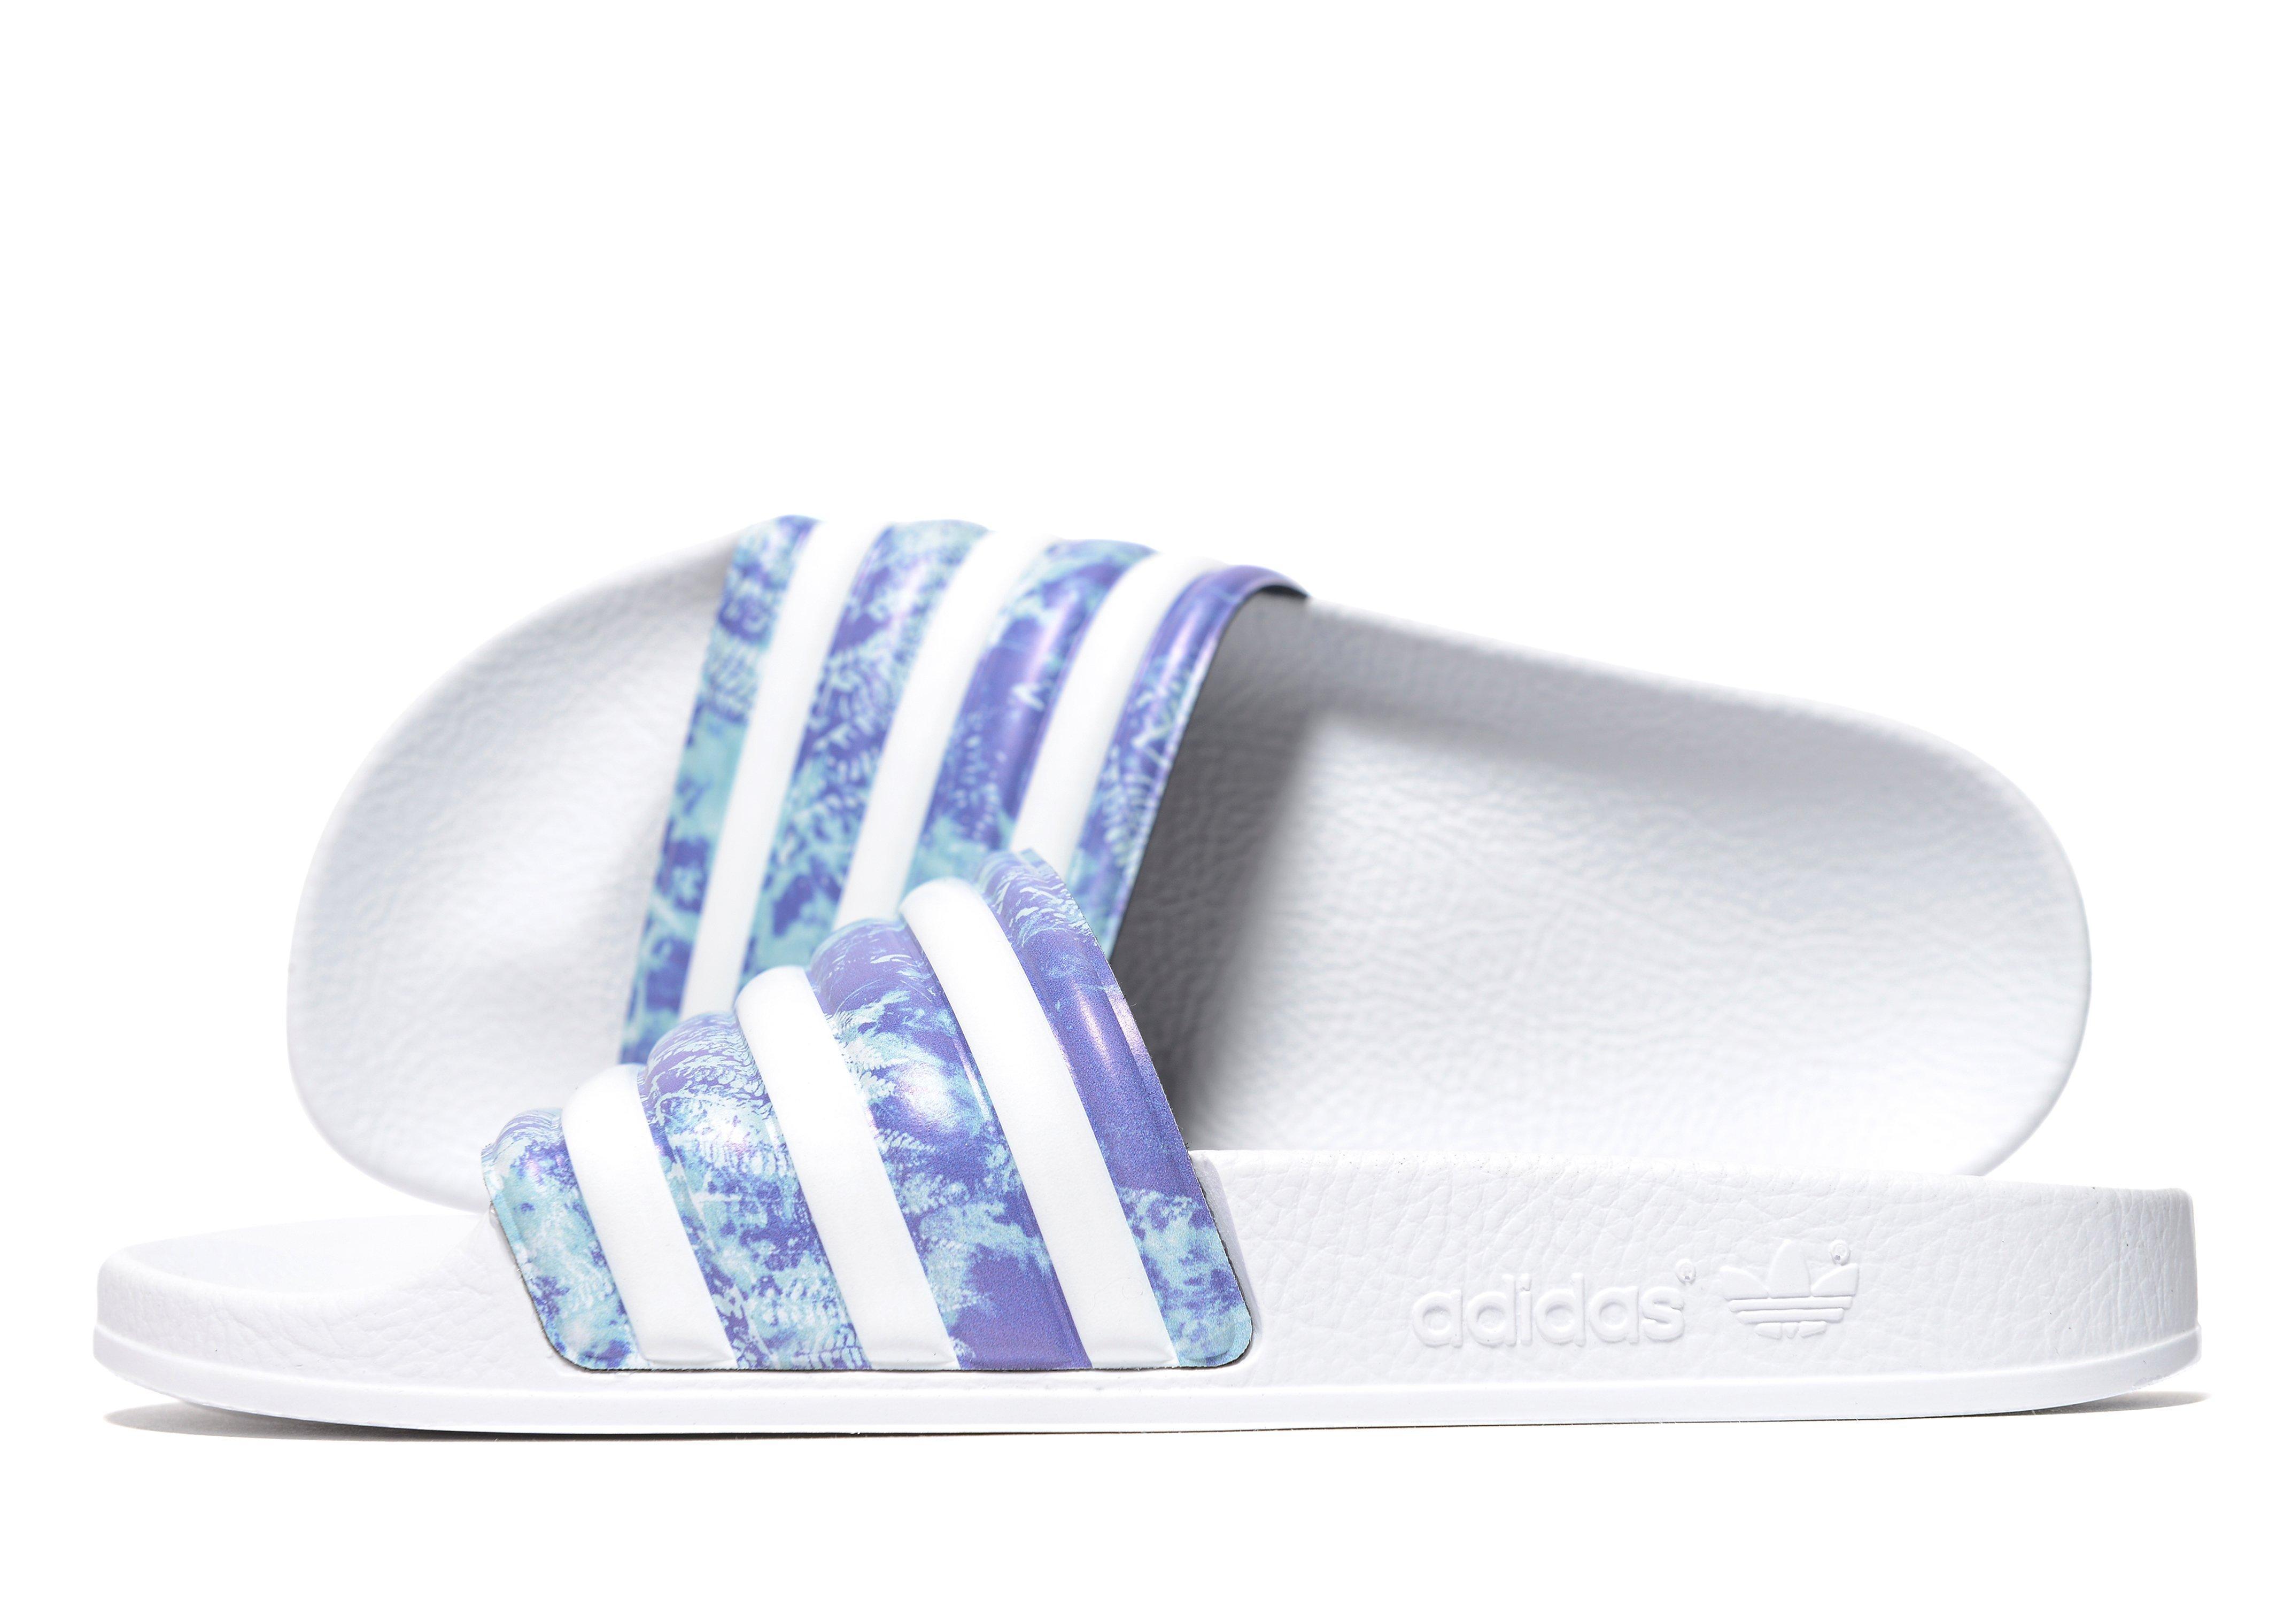 ea03d5911748b0 adidas Originals Adilette Slides in White - Lyst